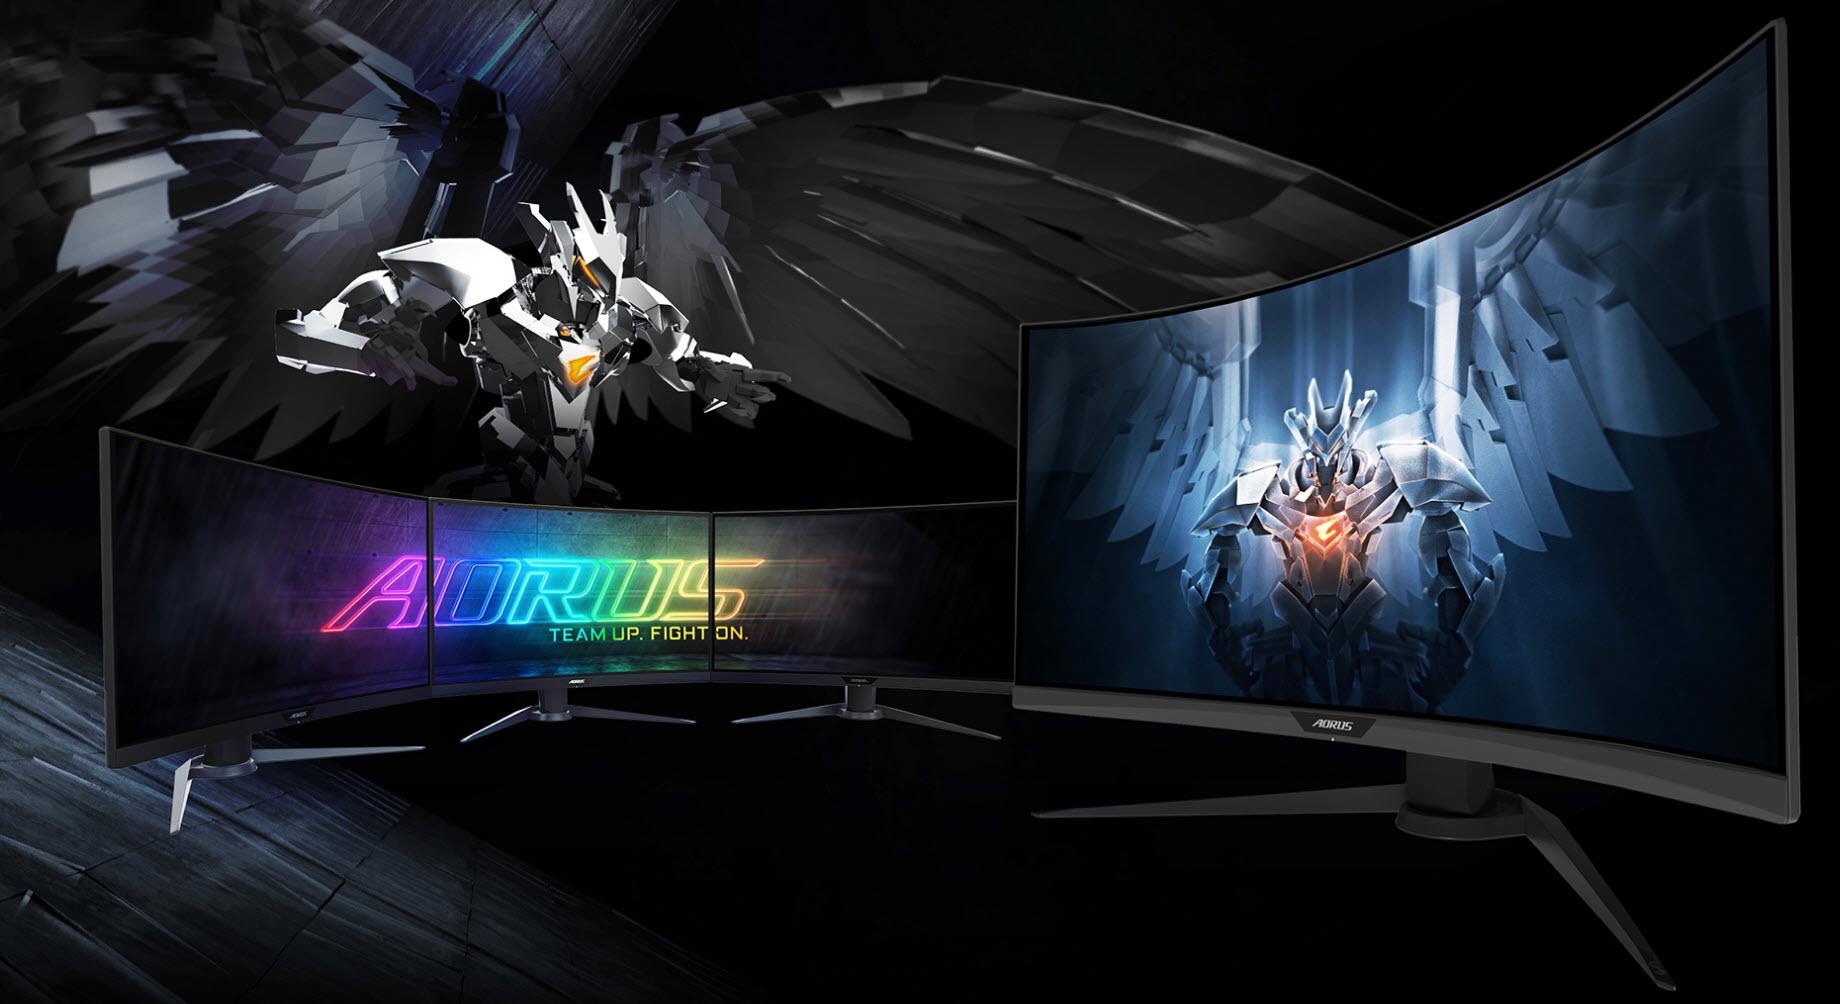 GIGABYTE ra mắt màn hình gaming AORUS CV27F – Cong 1500R, tần số quét 165Hz cho độ trễ 1ms